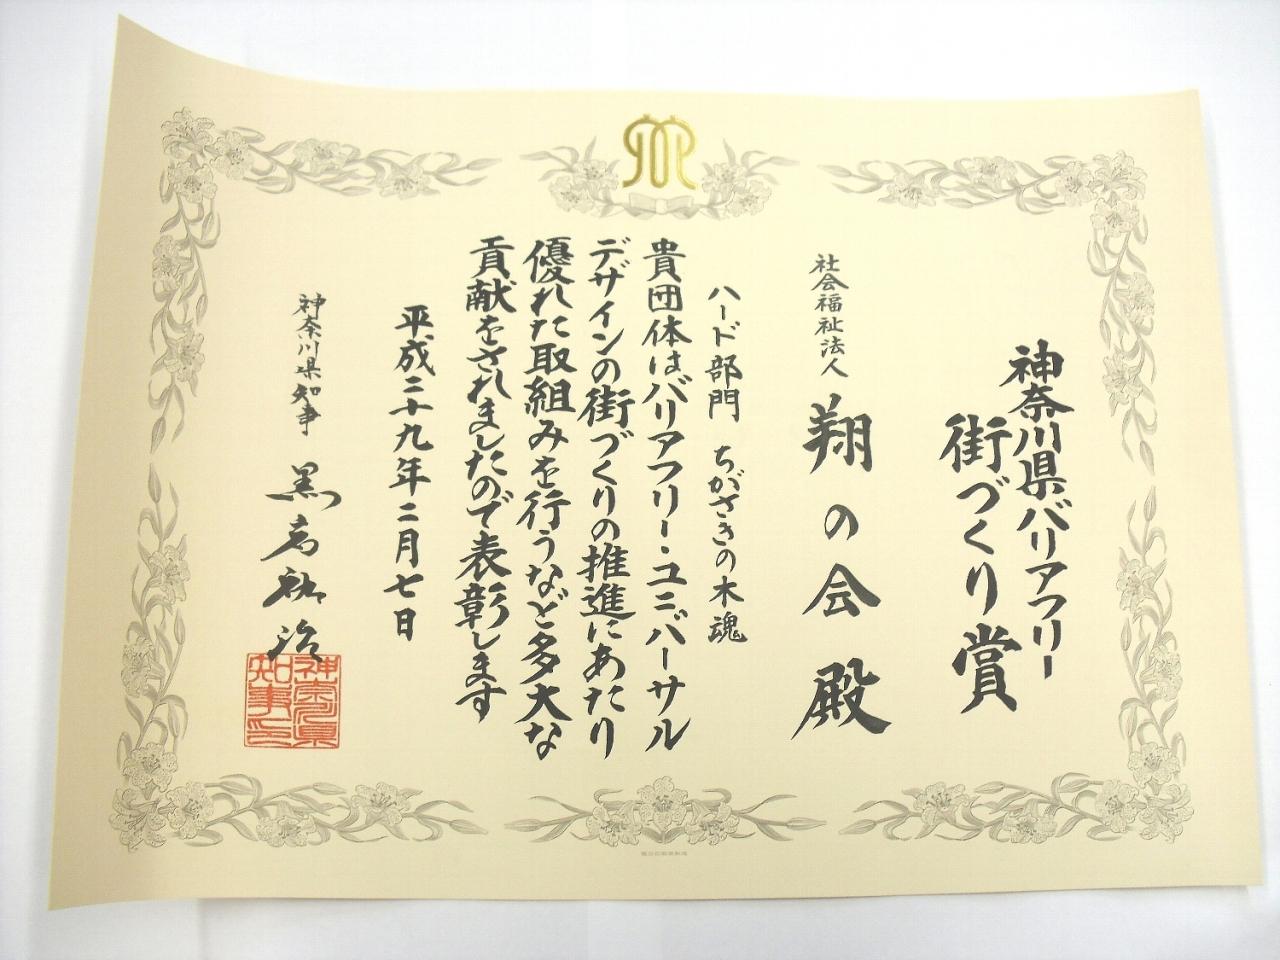 第9回神奈川県バリアフリー街づくり賞表彰式で「ちがさきの木魂」が表彰されました!